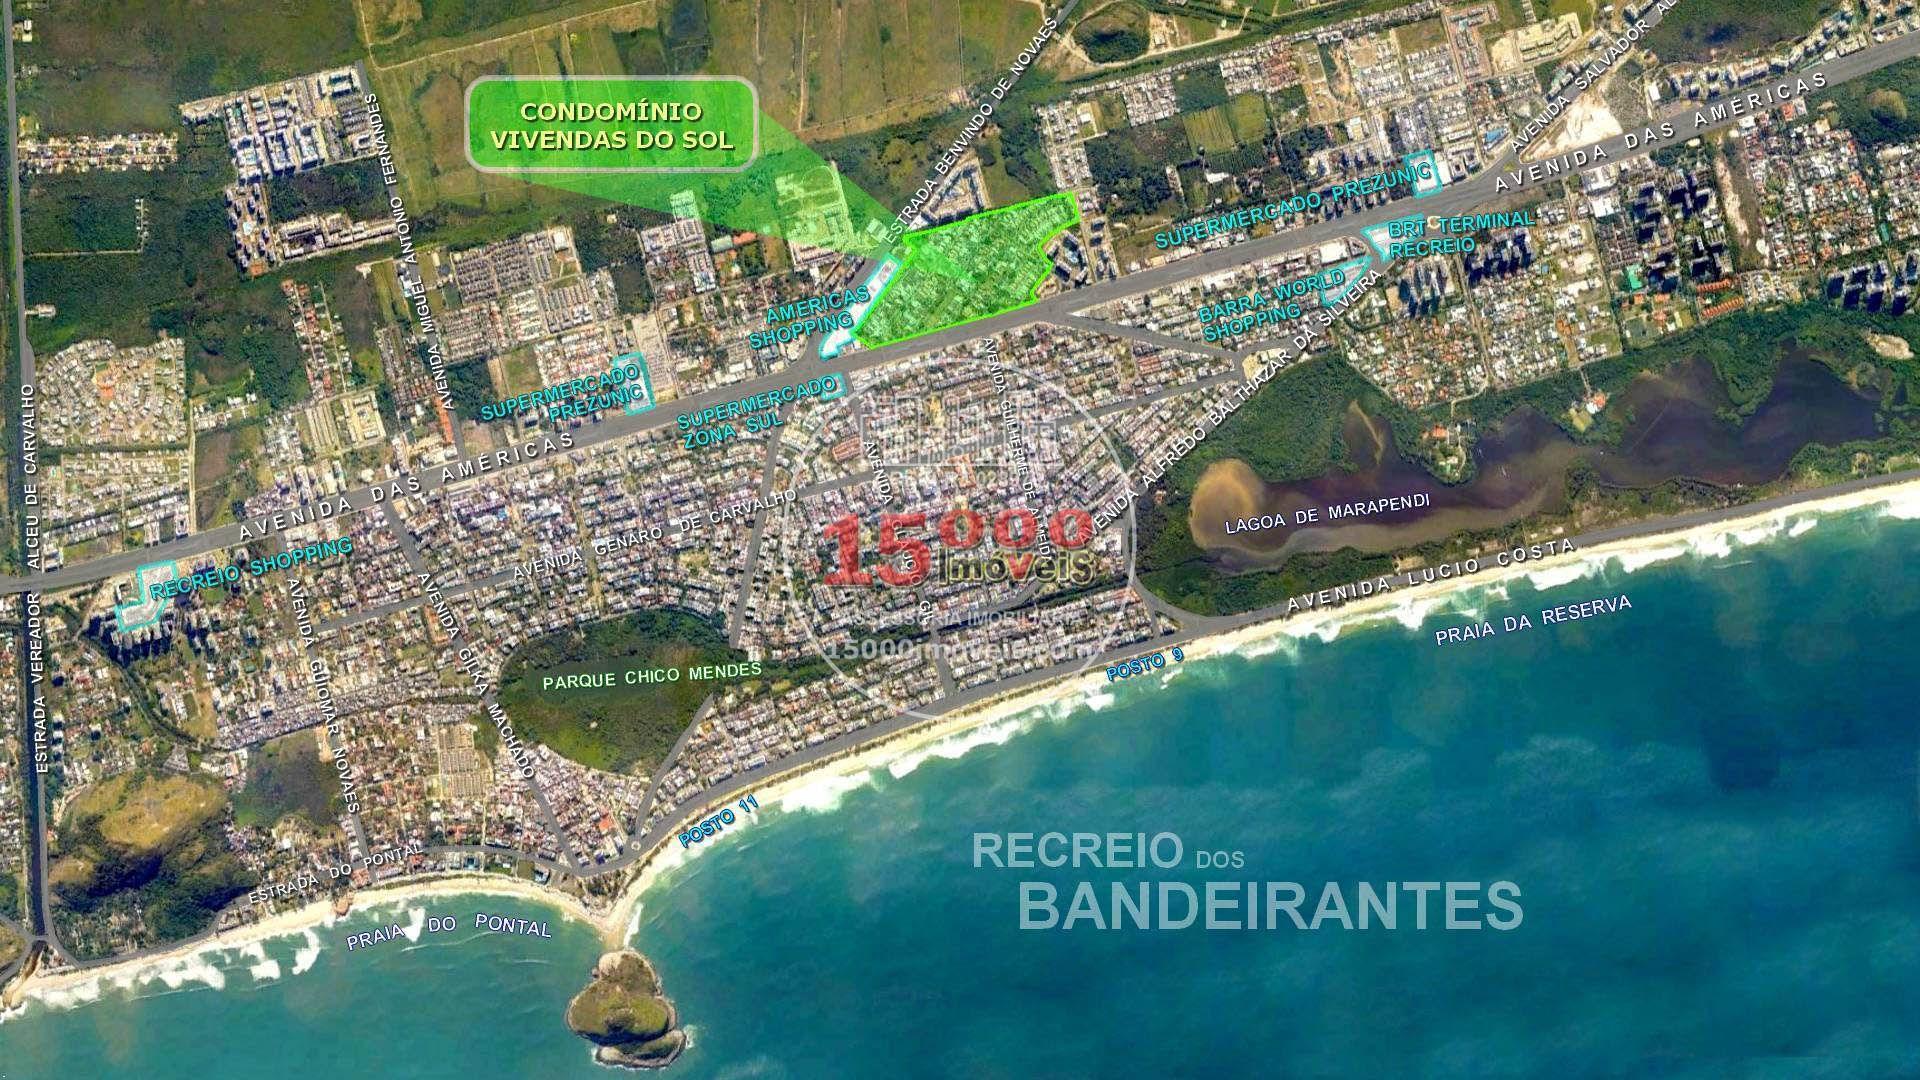 Casa duplex 5 suítes no Cond. Vivendas do Sol - Recreio dos Bandeirantes (15000-110) - 15000-110 - 20